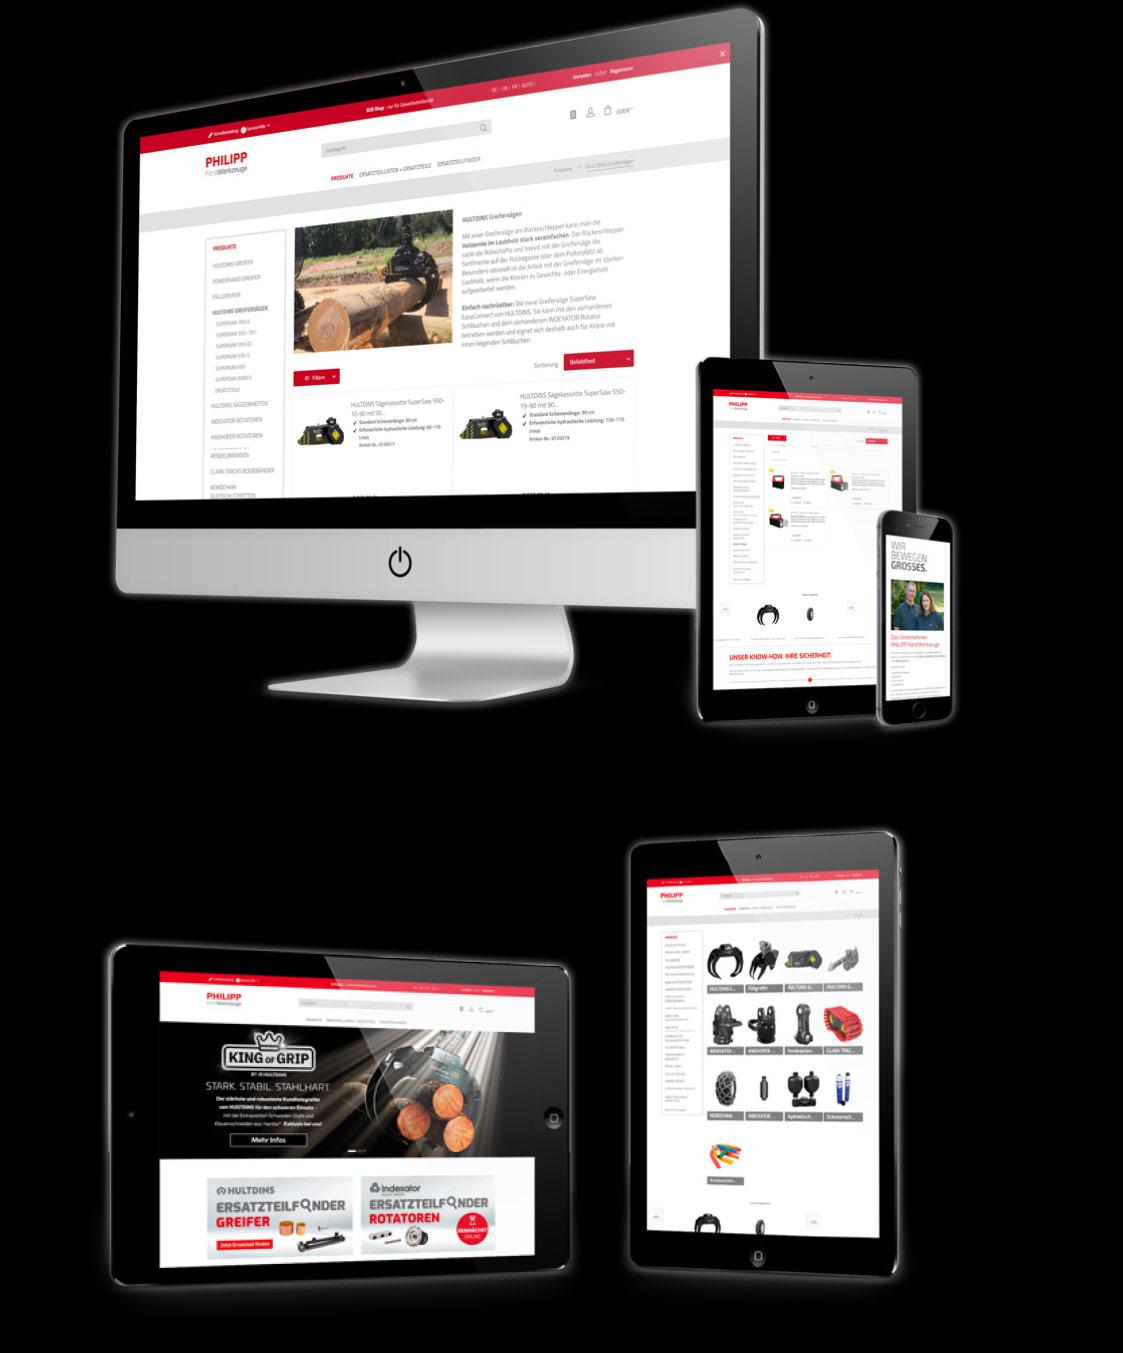 Verschiedene Bildschirme auf denen der Online-Shop von PHILIPP ForstWerkzeuge zu sehen ist